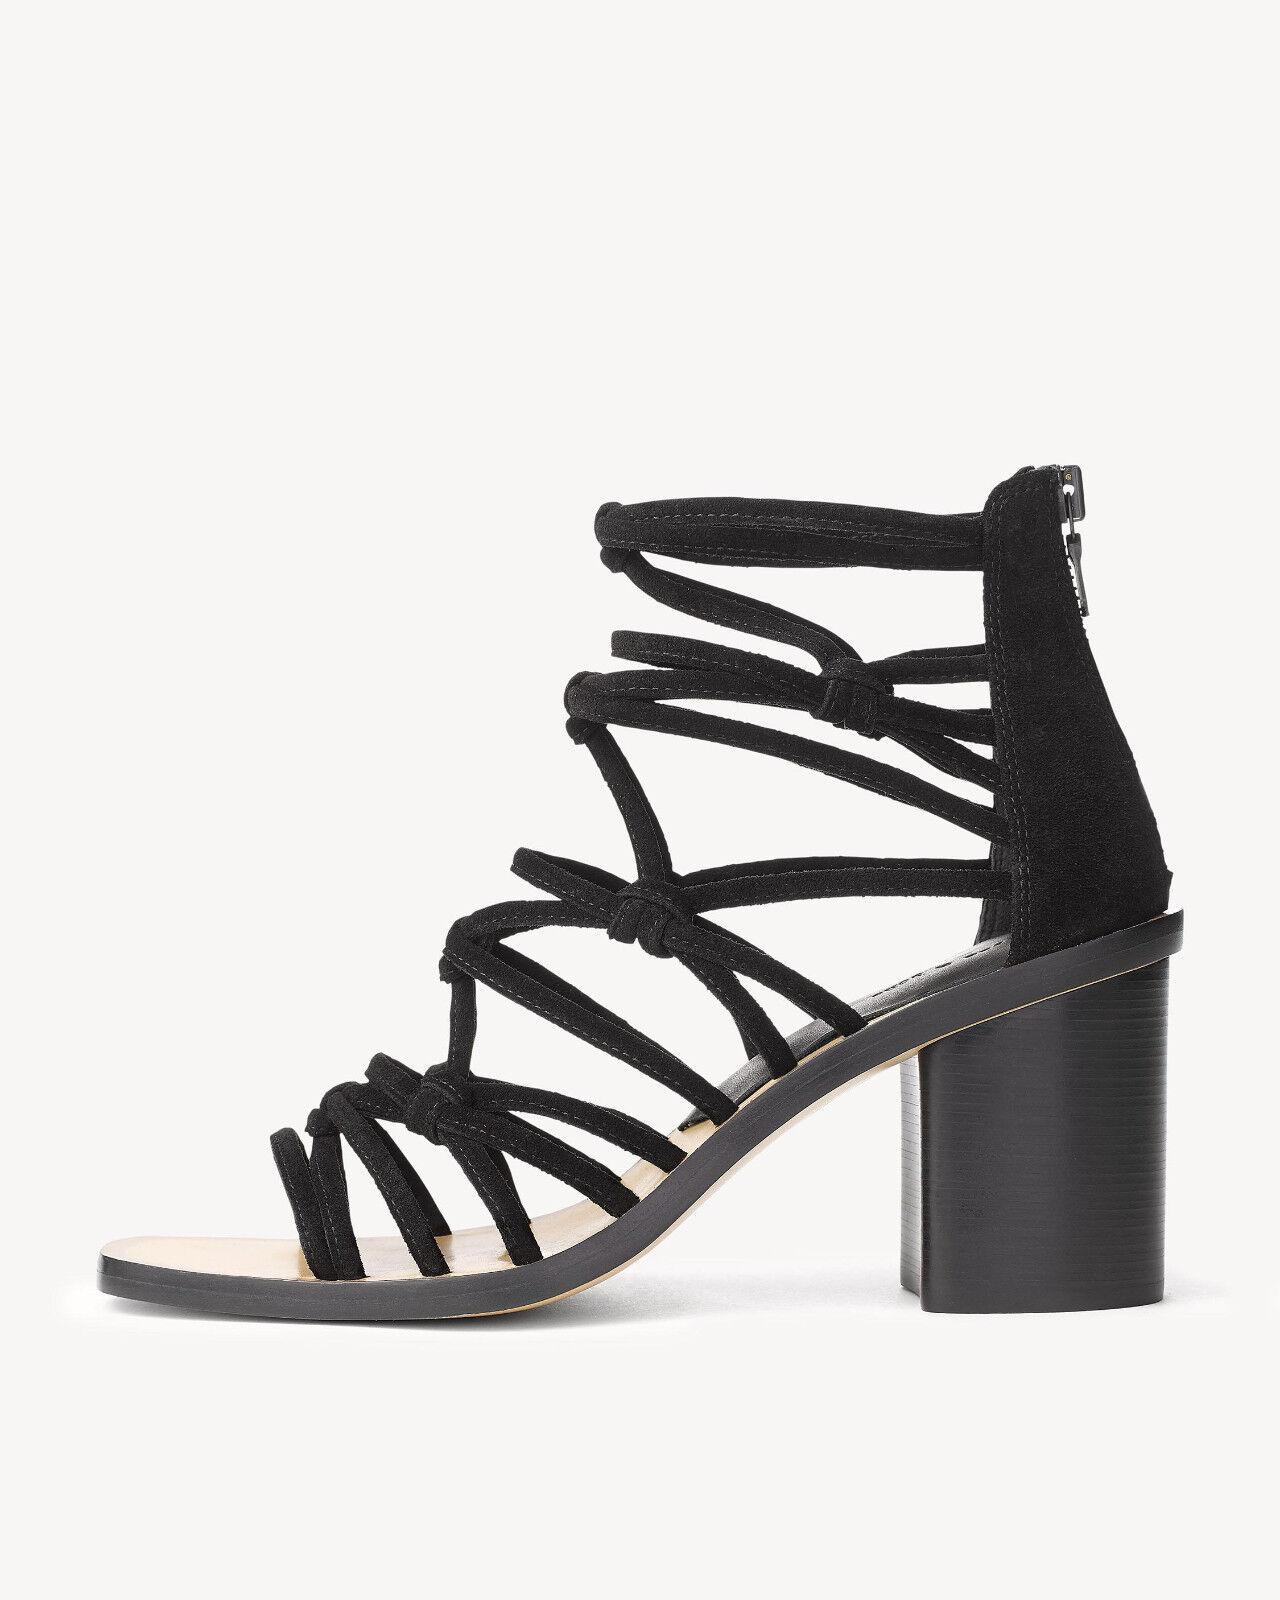 Rag & Bone Camille Macramé Sandalias De Tiras Negro Negro Negro Talla 40 9.5 10 Zapatos Increíble  tienda en linea